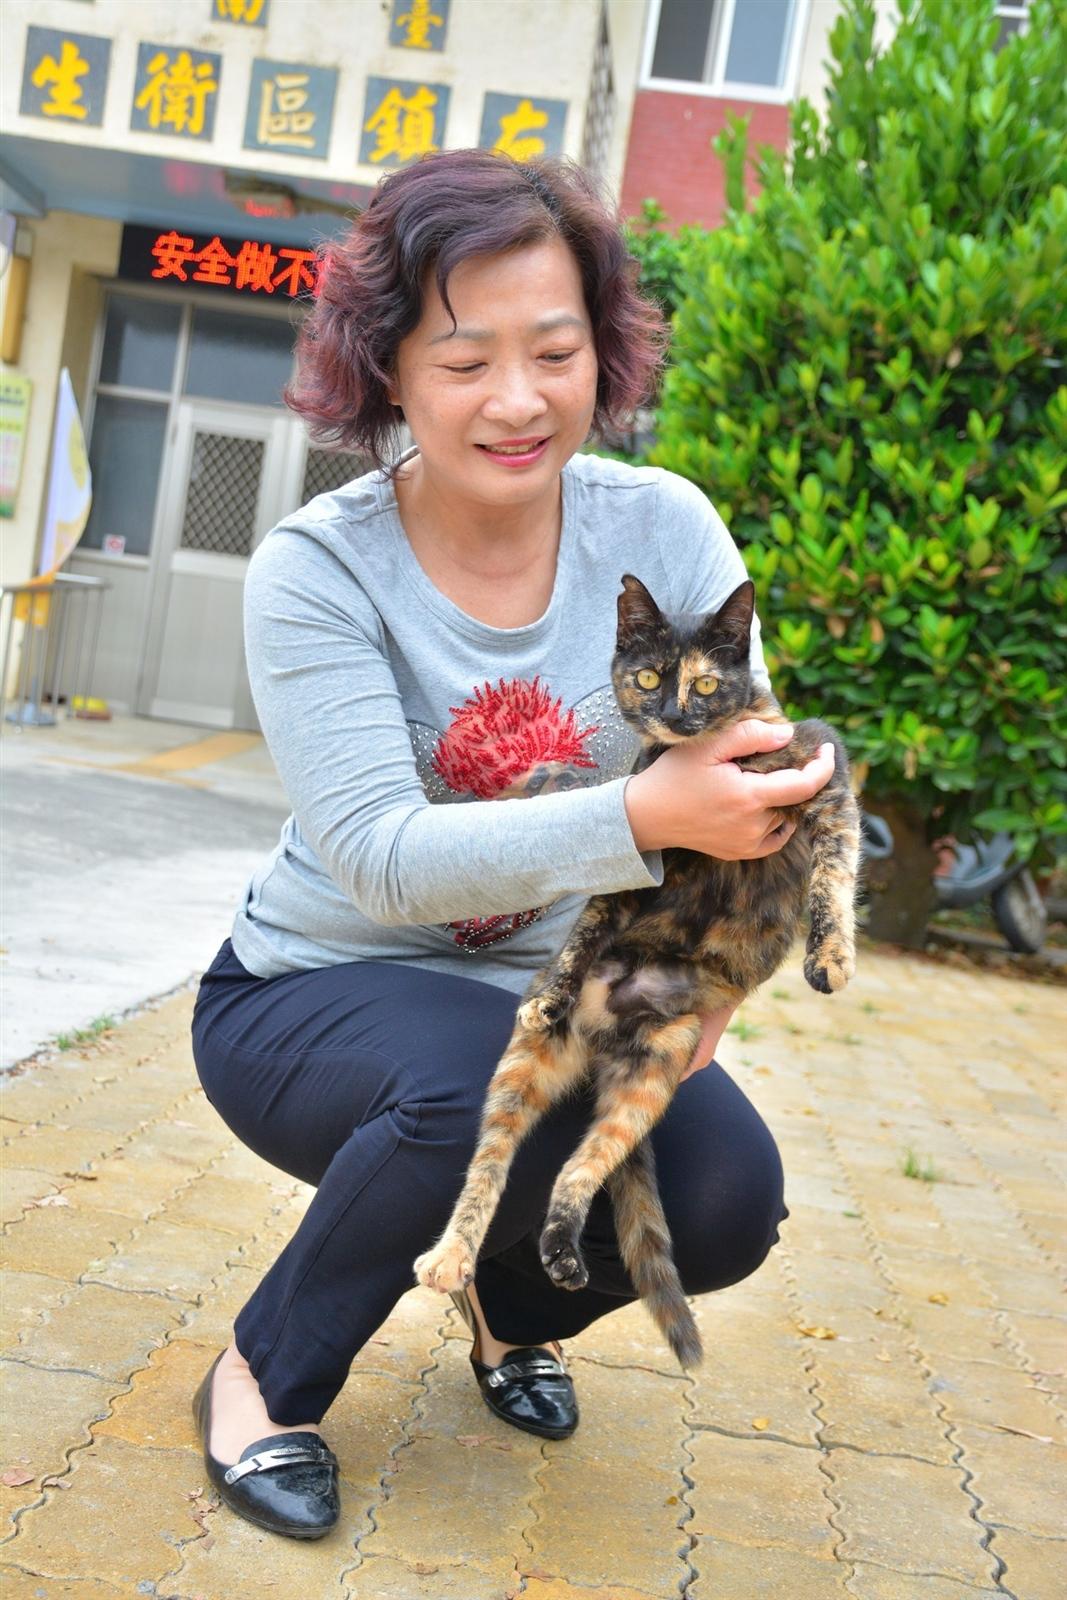 台南左鎮區衛生所護理長蔡秀珍抱的是「玳瑁」,牠出生就被丟在衛生所門口,蔡秀珍把貓咪照顧得很漂亮,有居民看了喜歡就認養帶回家。記者吳淑玲/攝影